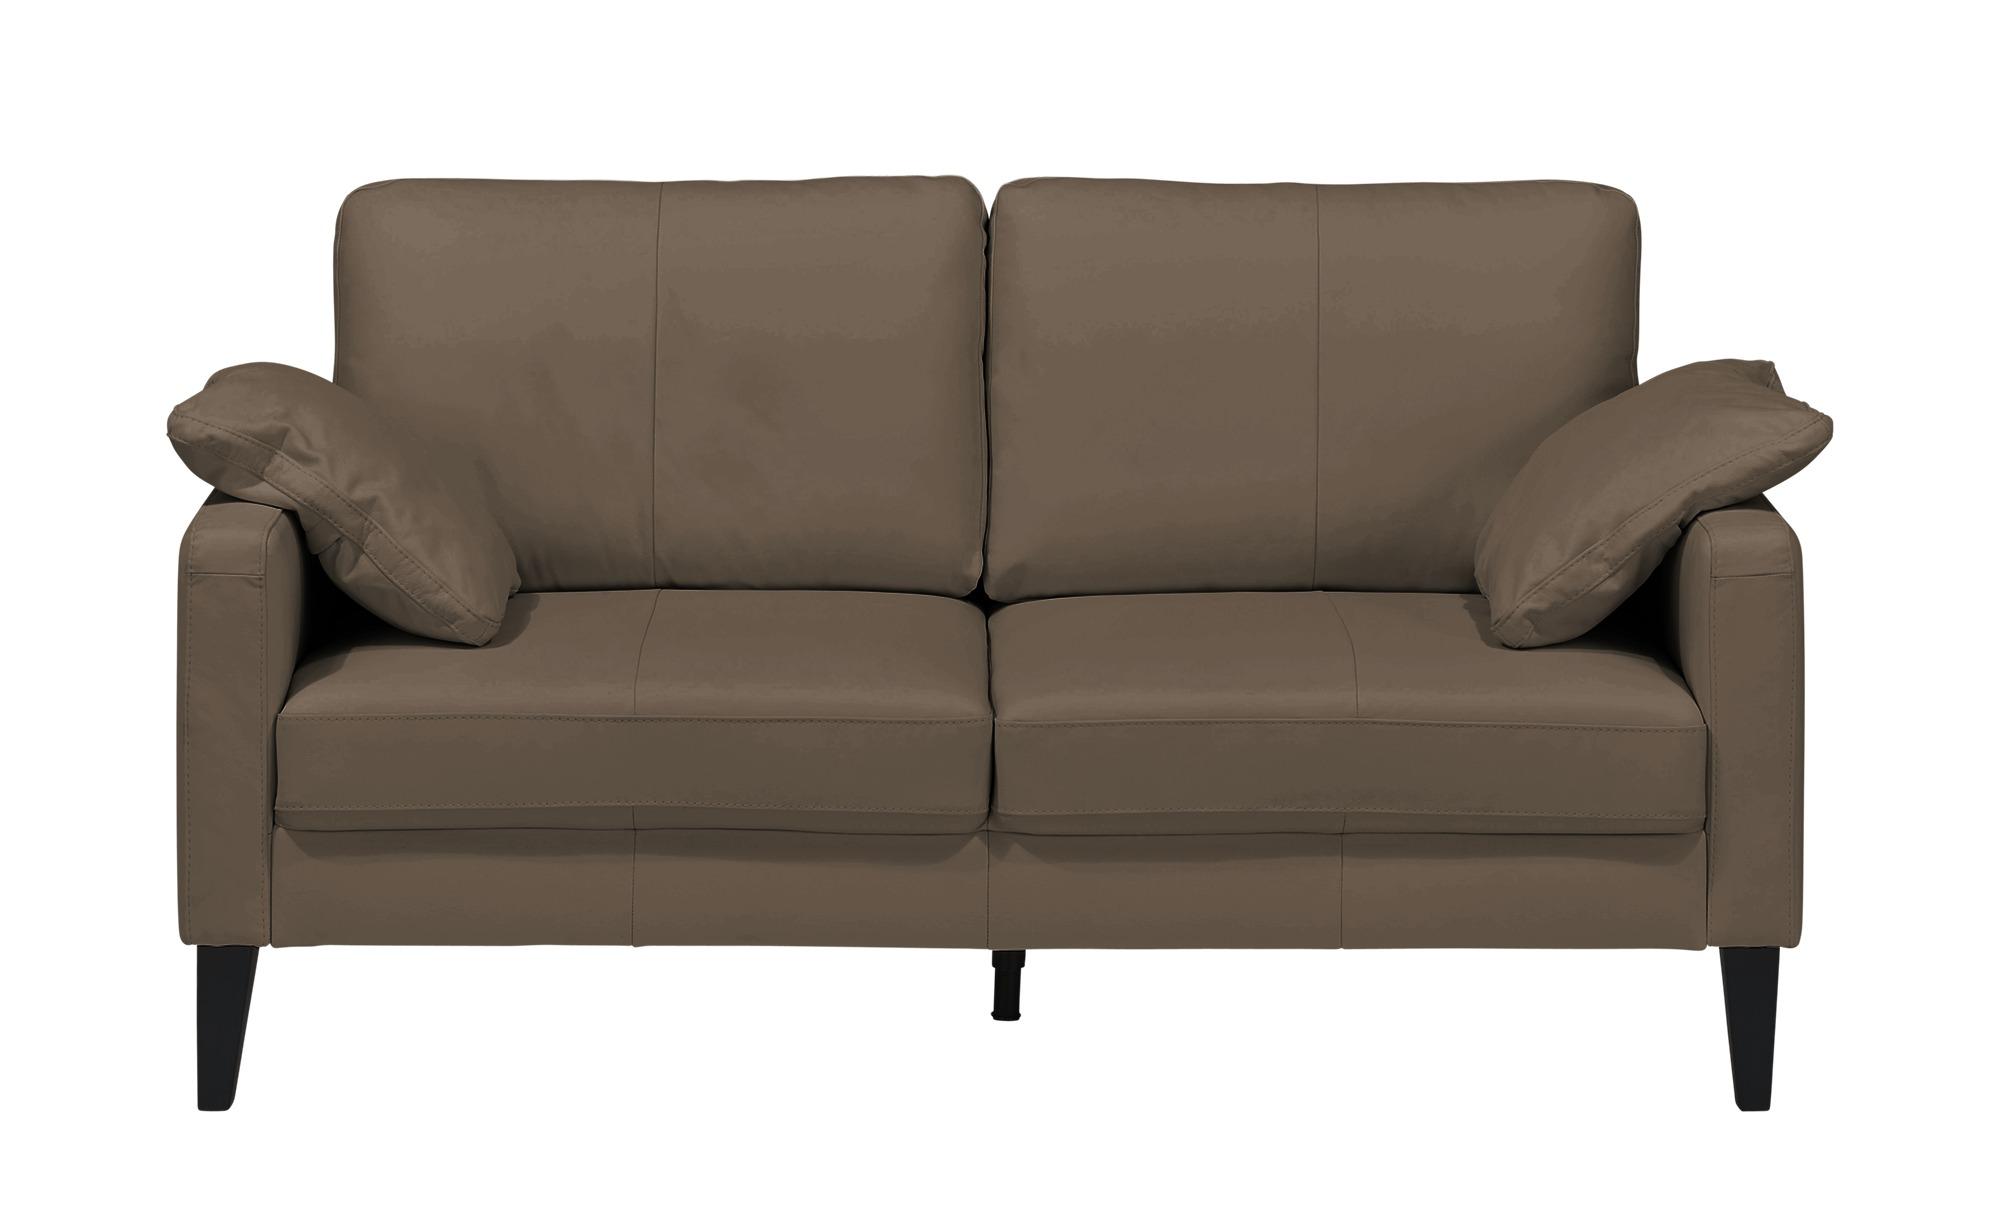 Einzelsofa  Oralia ¦ braun ¦ Maße (cm): B: 174 H: 90 T: 93 Polstermöbel > Sofas > 2-Sitzer - Höffner